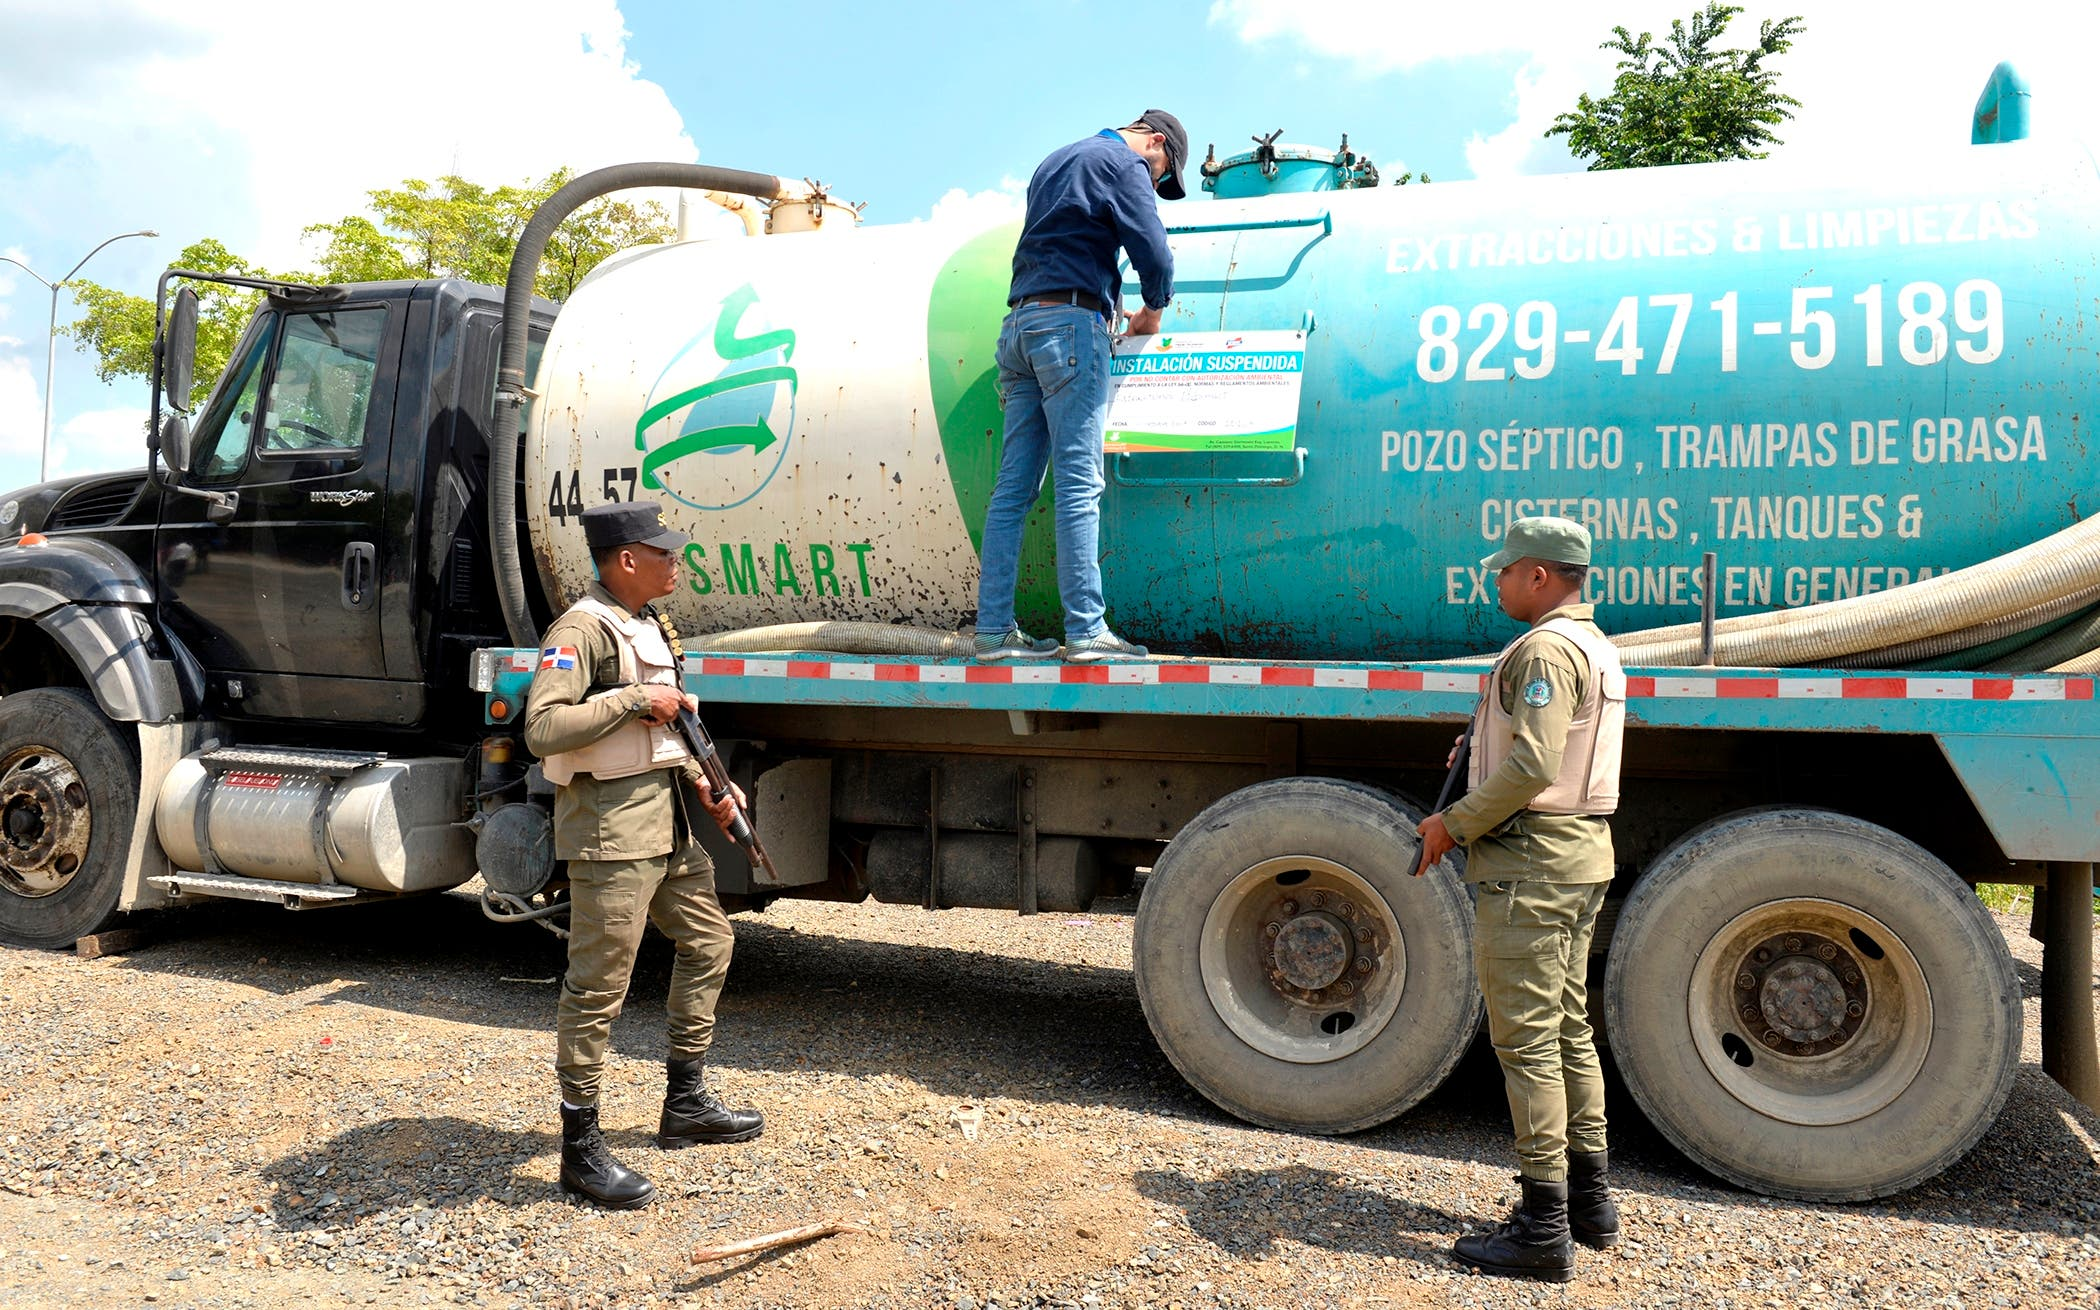 Clausuran compañía cuyo camión lanzó desechos de pozo séptico en río Jacagua